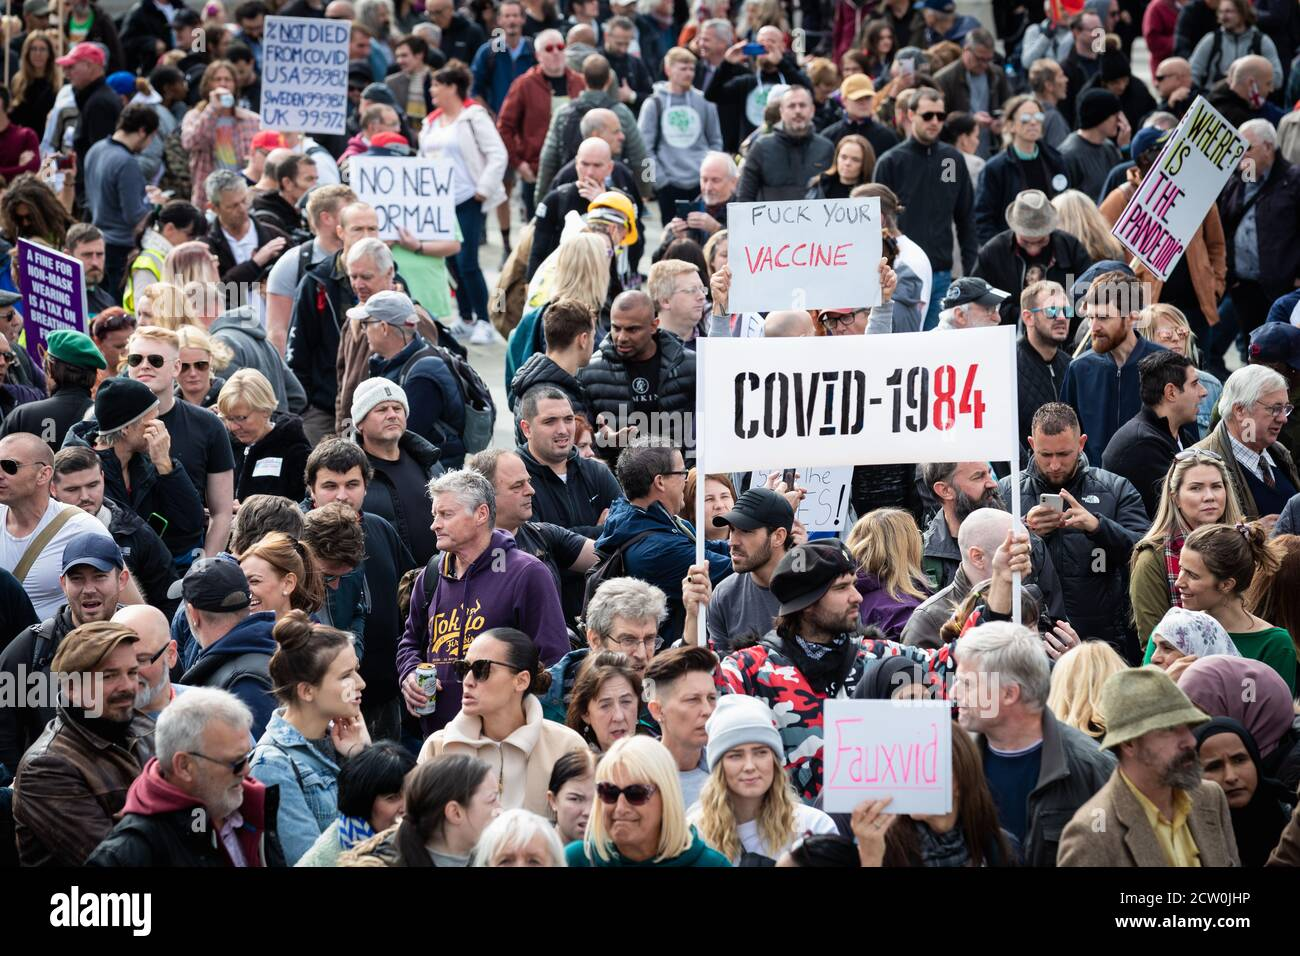 Londres, Royaume-Uni. 26 septembre 2020. Les manifestants Unis pour la liberté se réunissent à Trafalgar Square pour contester la loi sur le coronavirus, adoptée six mois plus tôt. Un confinement a été imposé le 23 mars pour empêcher la propagation de COVID19. Les restrictions ont été assouplies au cours de l'été, mais ces dernières semaines, le nombre de nouveaux cas augmente, ce qui a fait que le gouvernement impose un couvre-feu à l'industrie de l'accueil pour essayer de prévenir la propagation du virus. Credit: Andy Barton/Alay Live News Banque D'Images